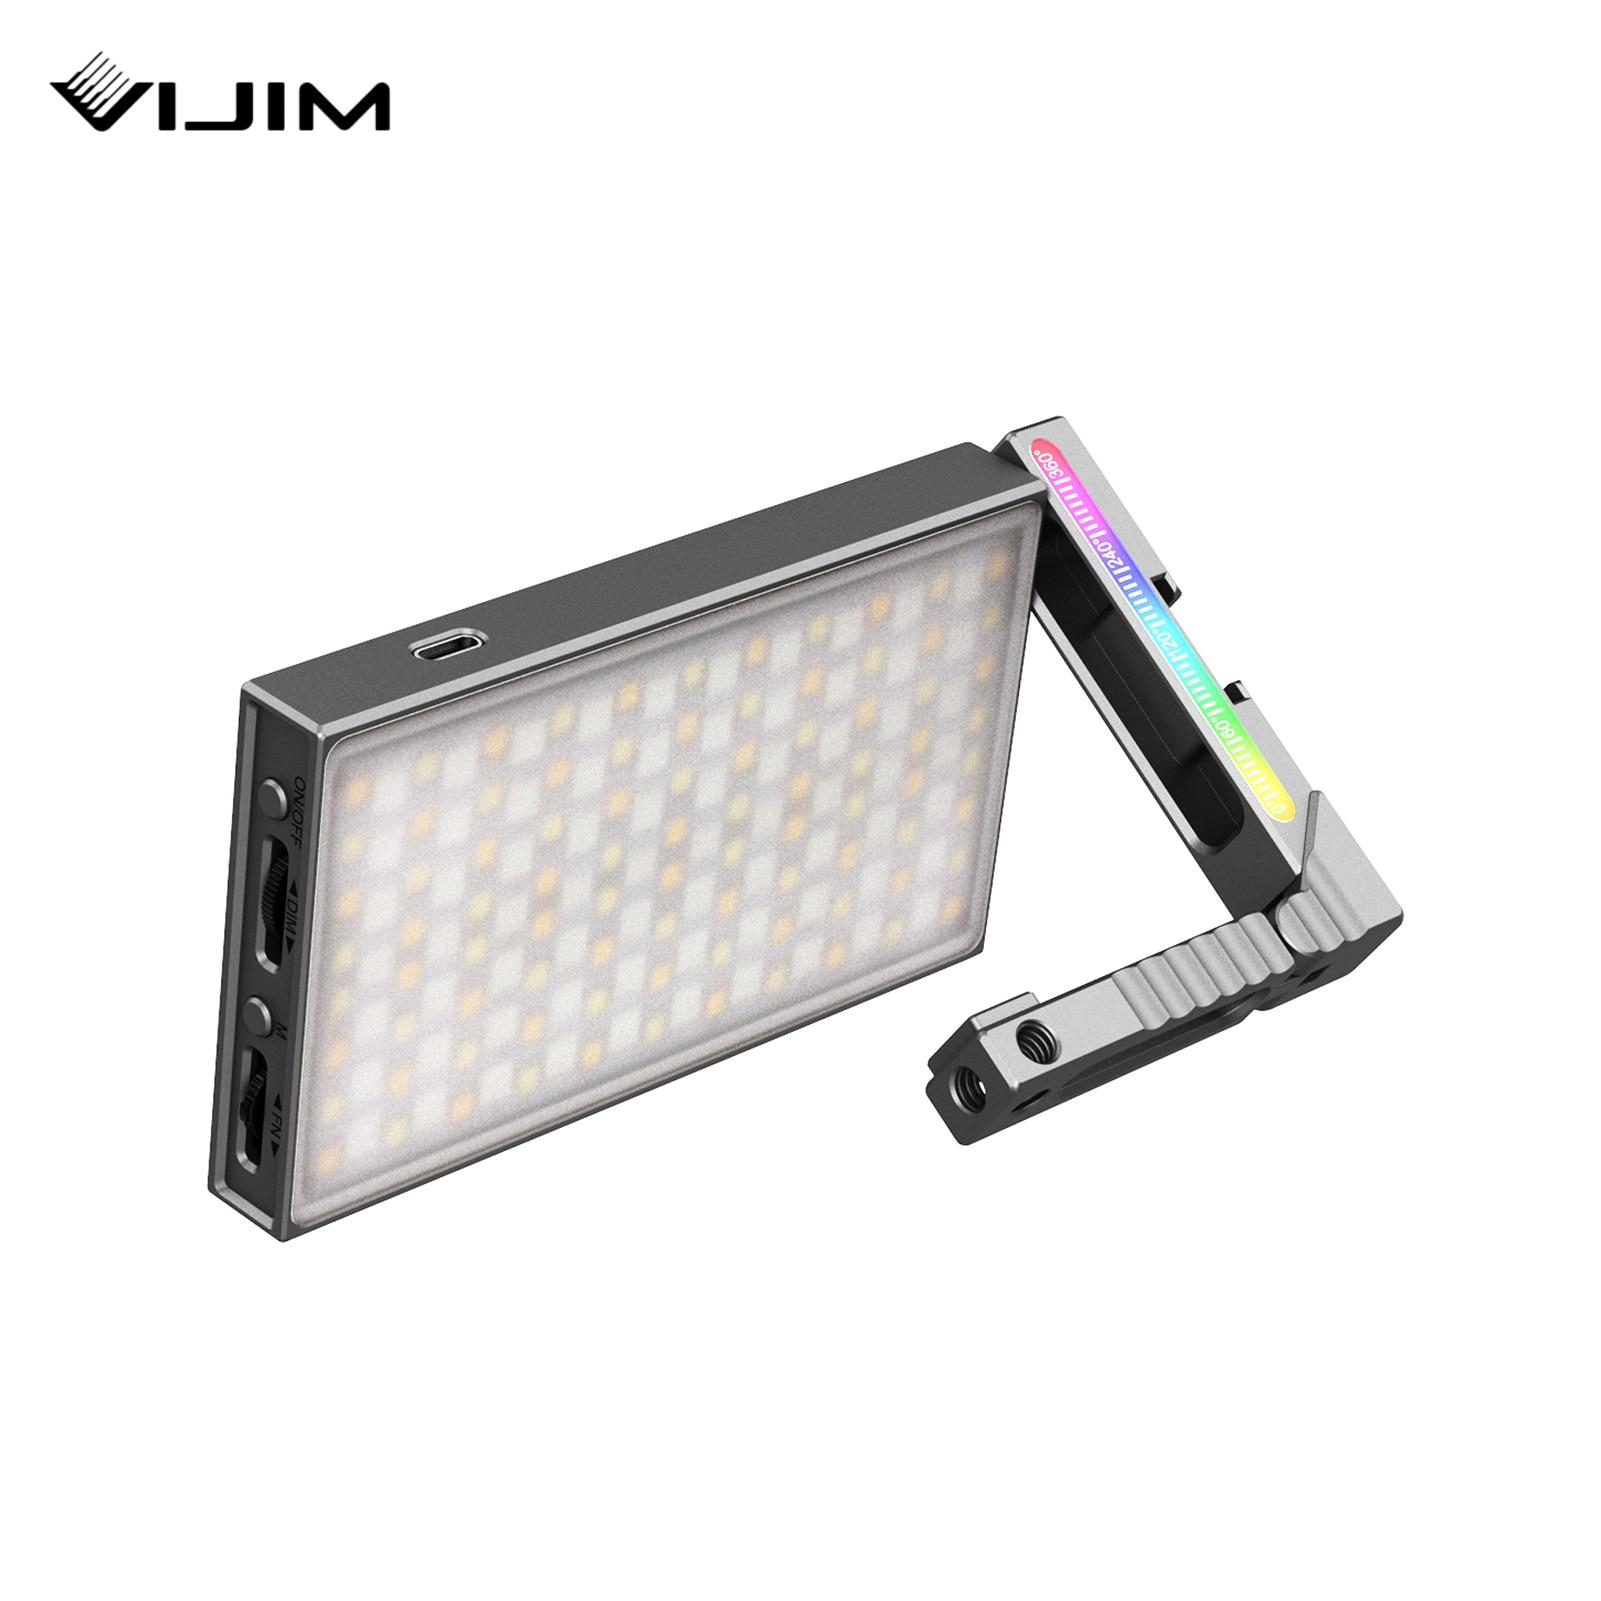 Efeitos de Luz para Iluminação Cri95 + 20 Luz de Vídeo Vijim Vídeo 360 ° Cor Cheia Lâmpada 8w 2700-8500k Pode Ser Escurecido Rgb Led Luz